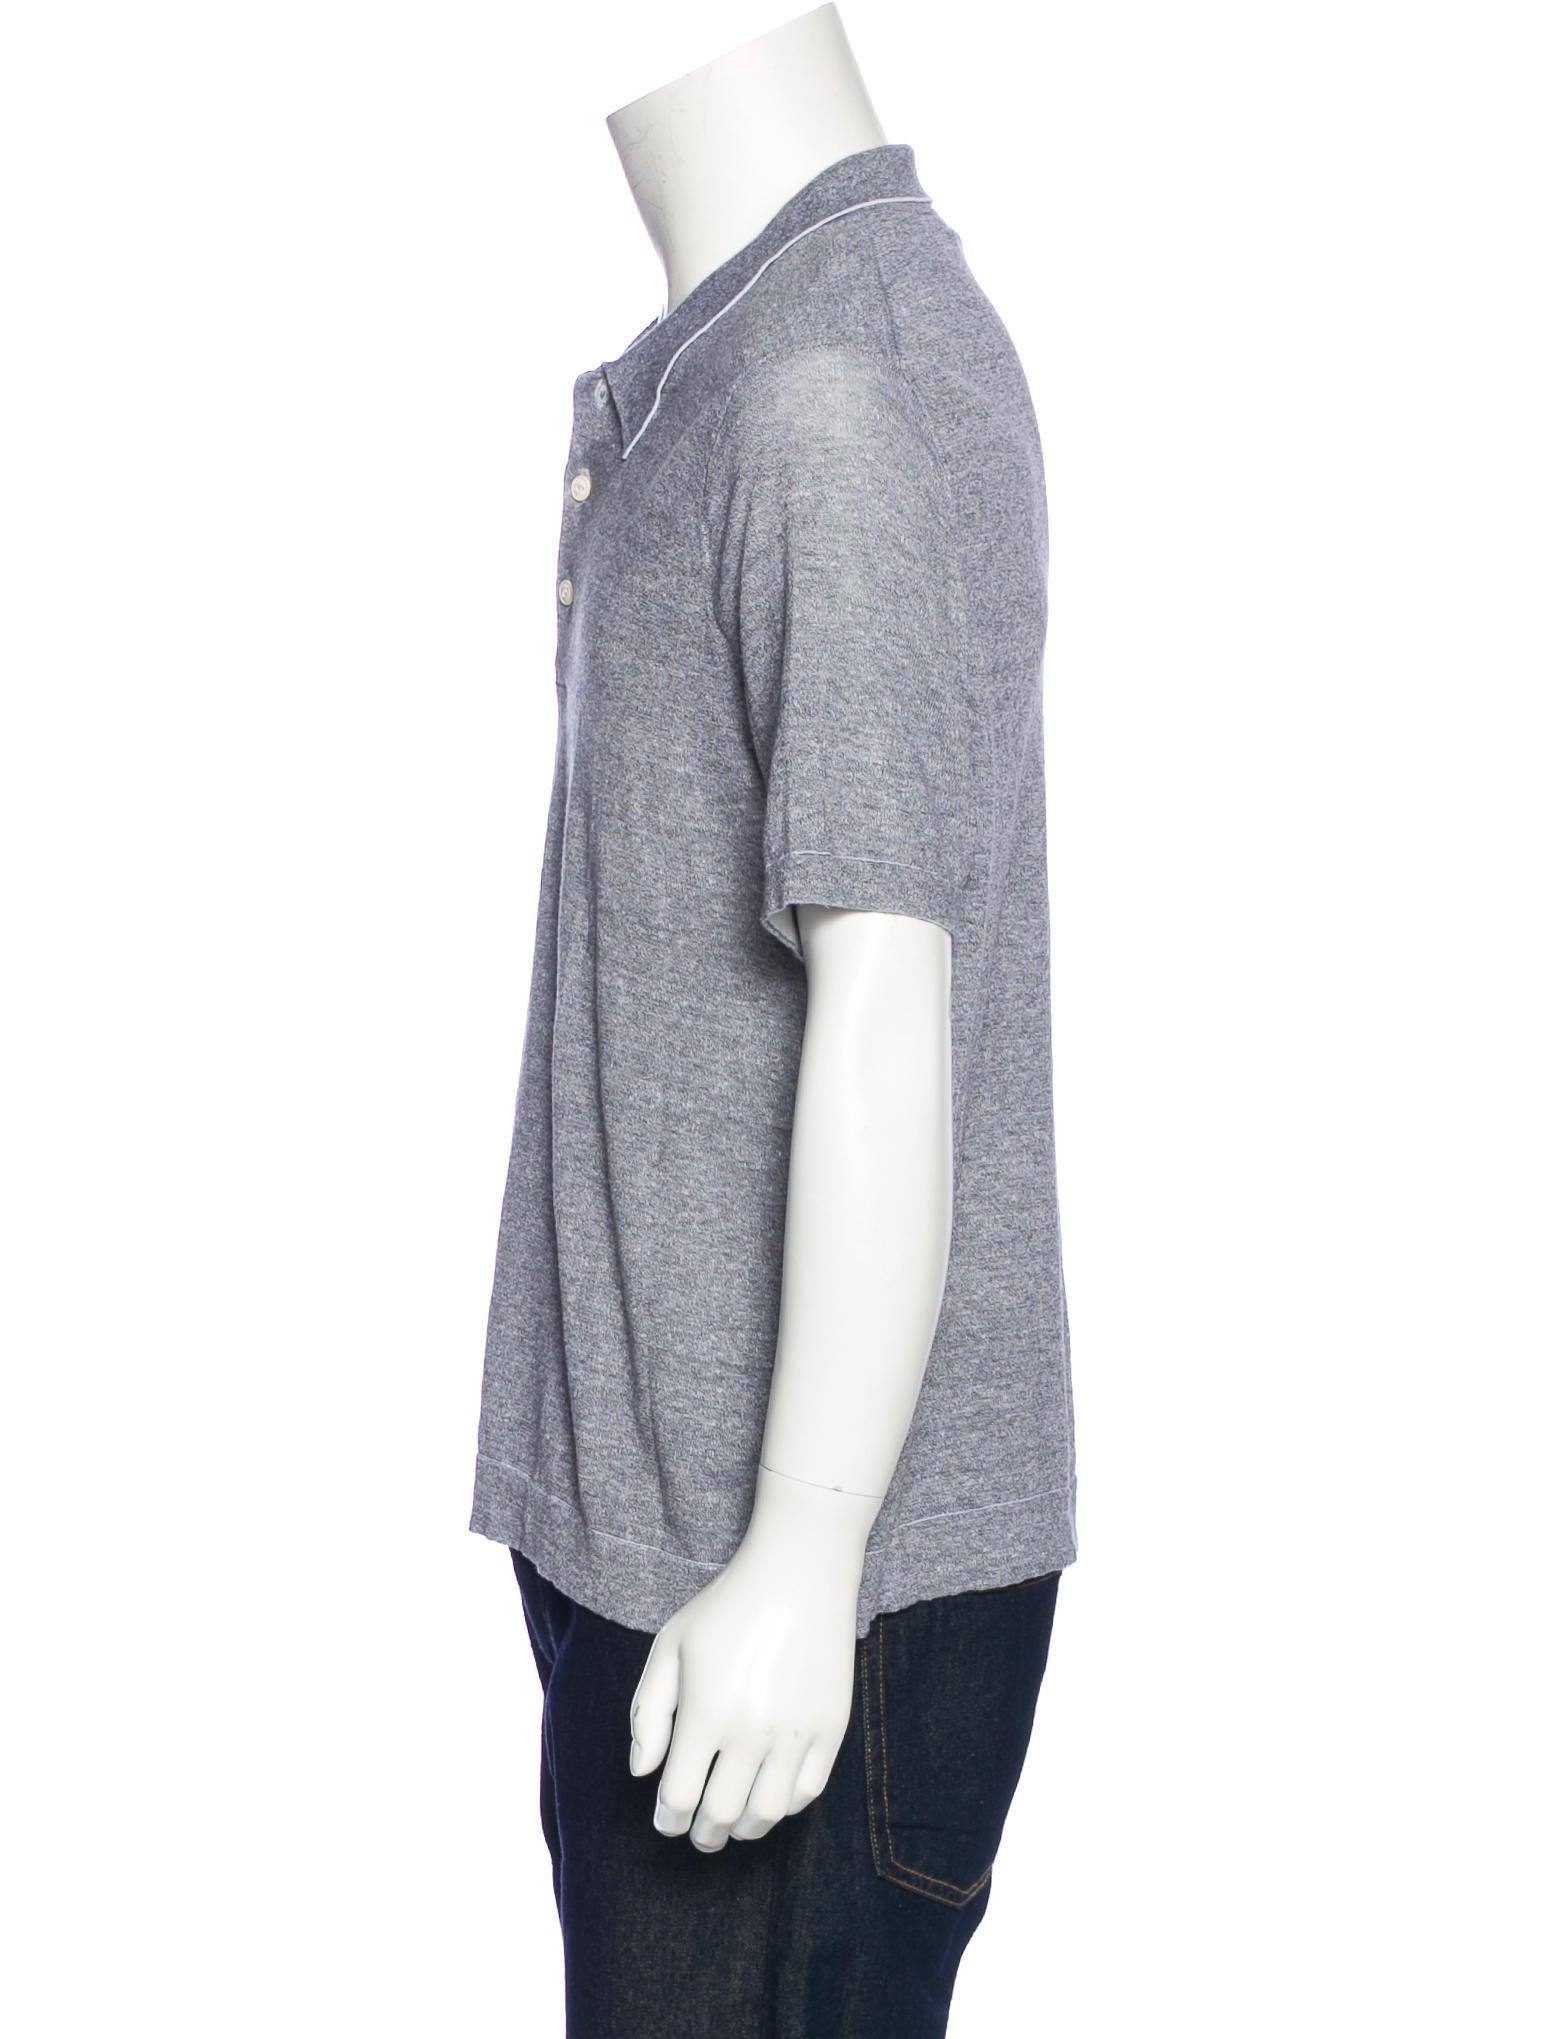 Rag Bone Knit Polo Shirt Clothing Wragb75790 The